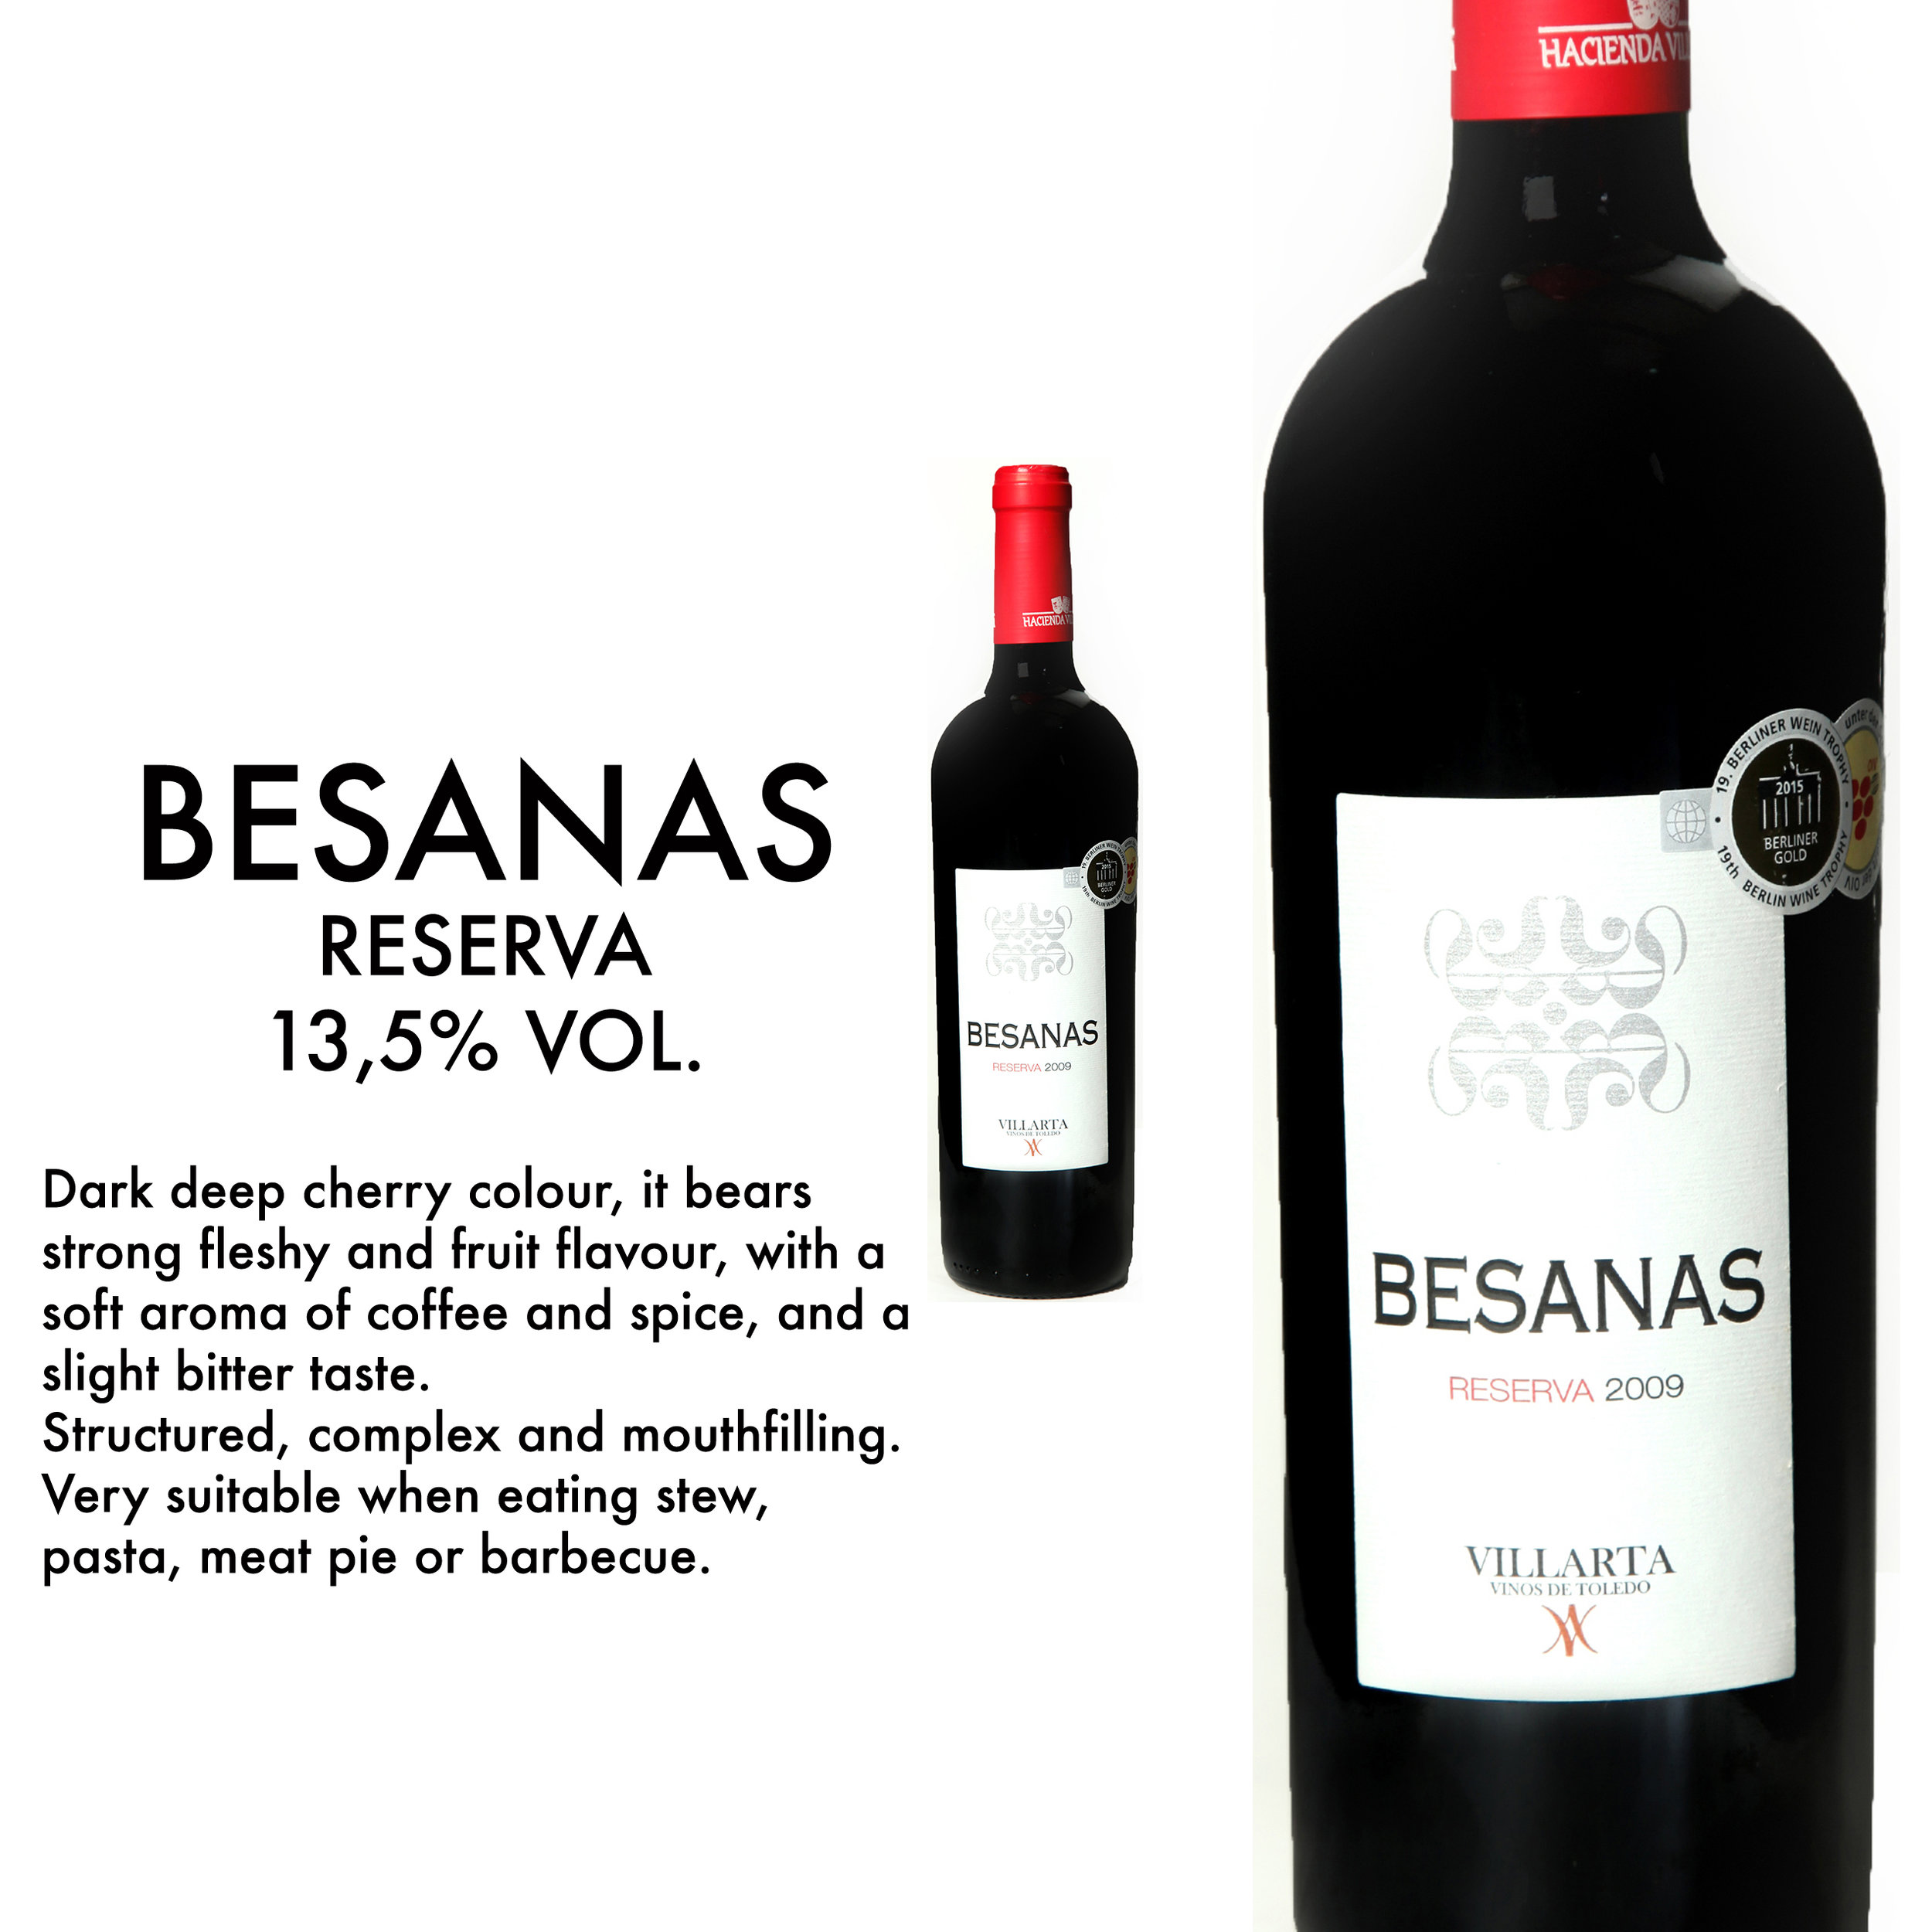 besanas.reserva.brouchure.2.jpg